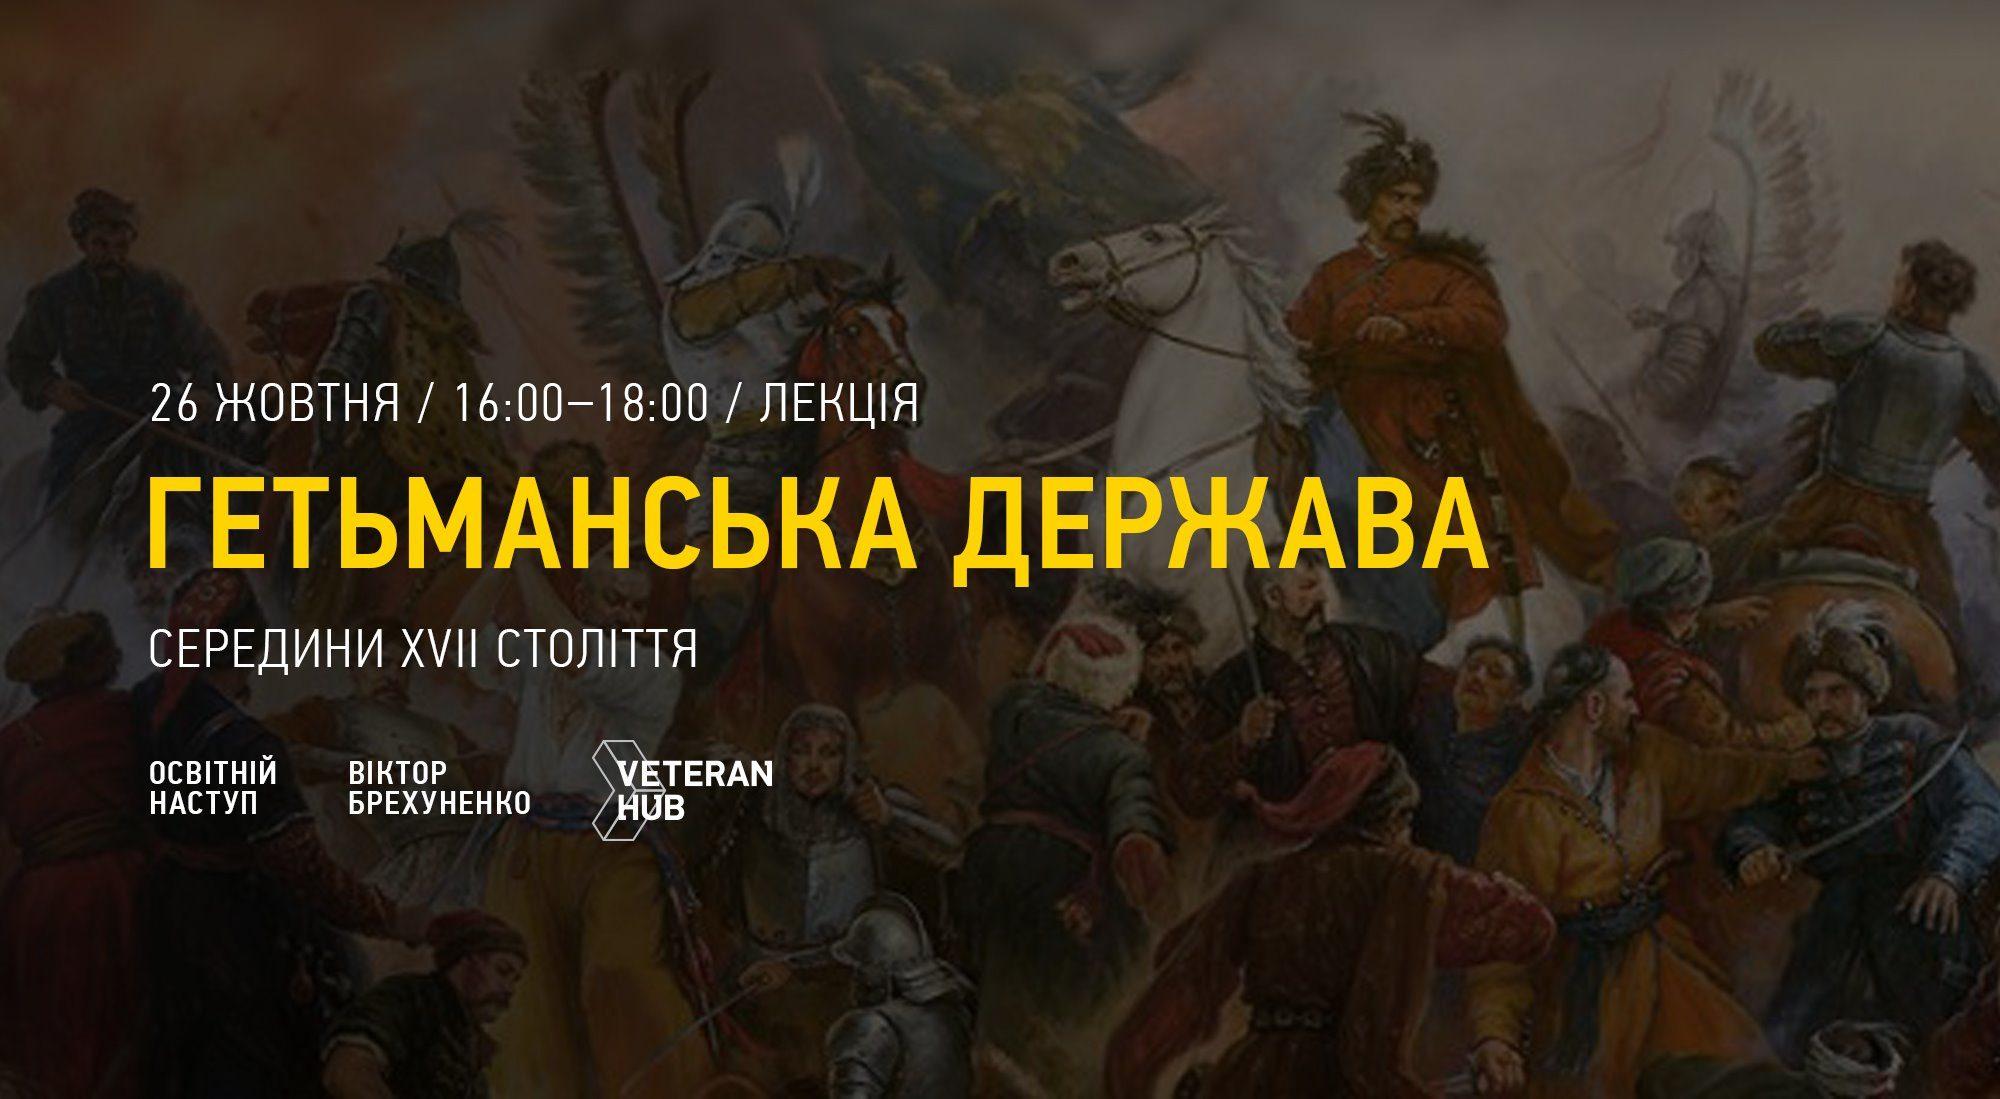 Історик Віктор Брехуненко у Veteran Hub розкаже про Гетьманську державу середини ХVII ст. - культурна дипломатія - cc 1 2000x1099